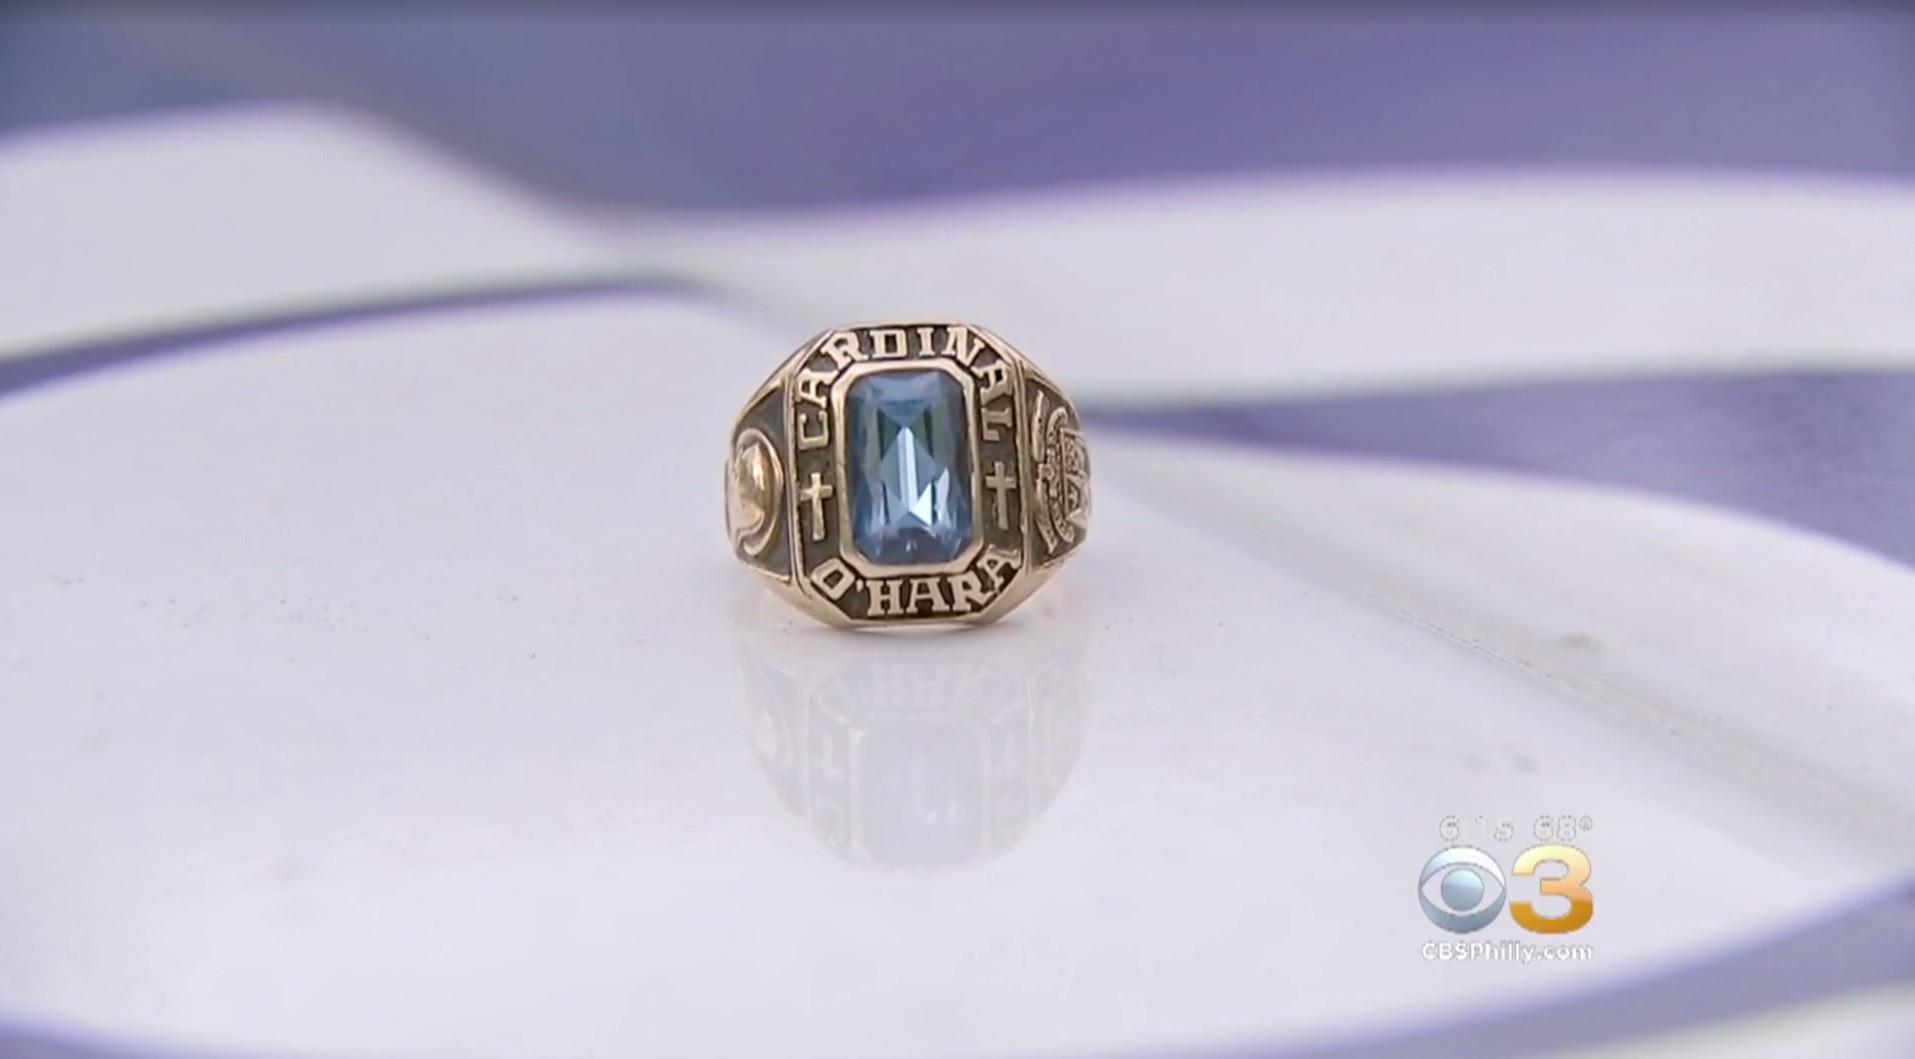 Lost High School Rings